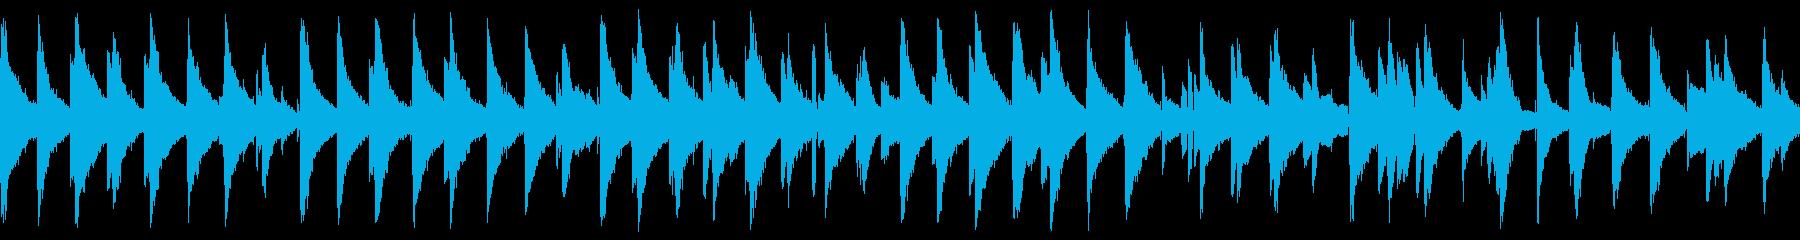 しっとり気品ある大人ジャズピアノ(ループの再生済みの波形